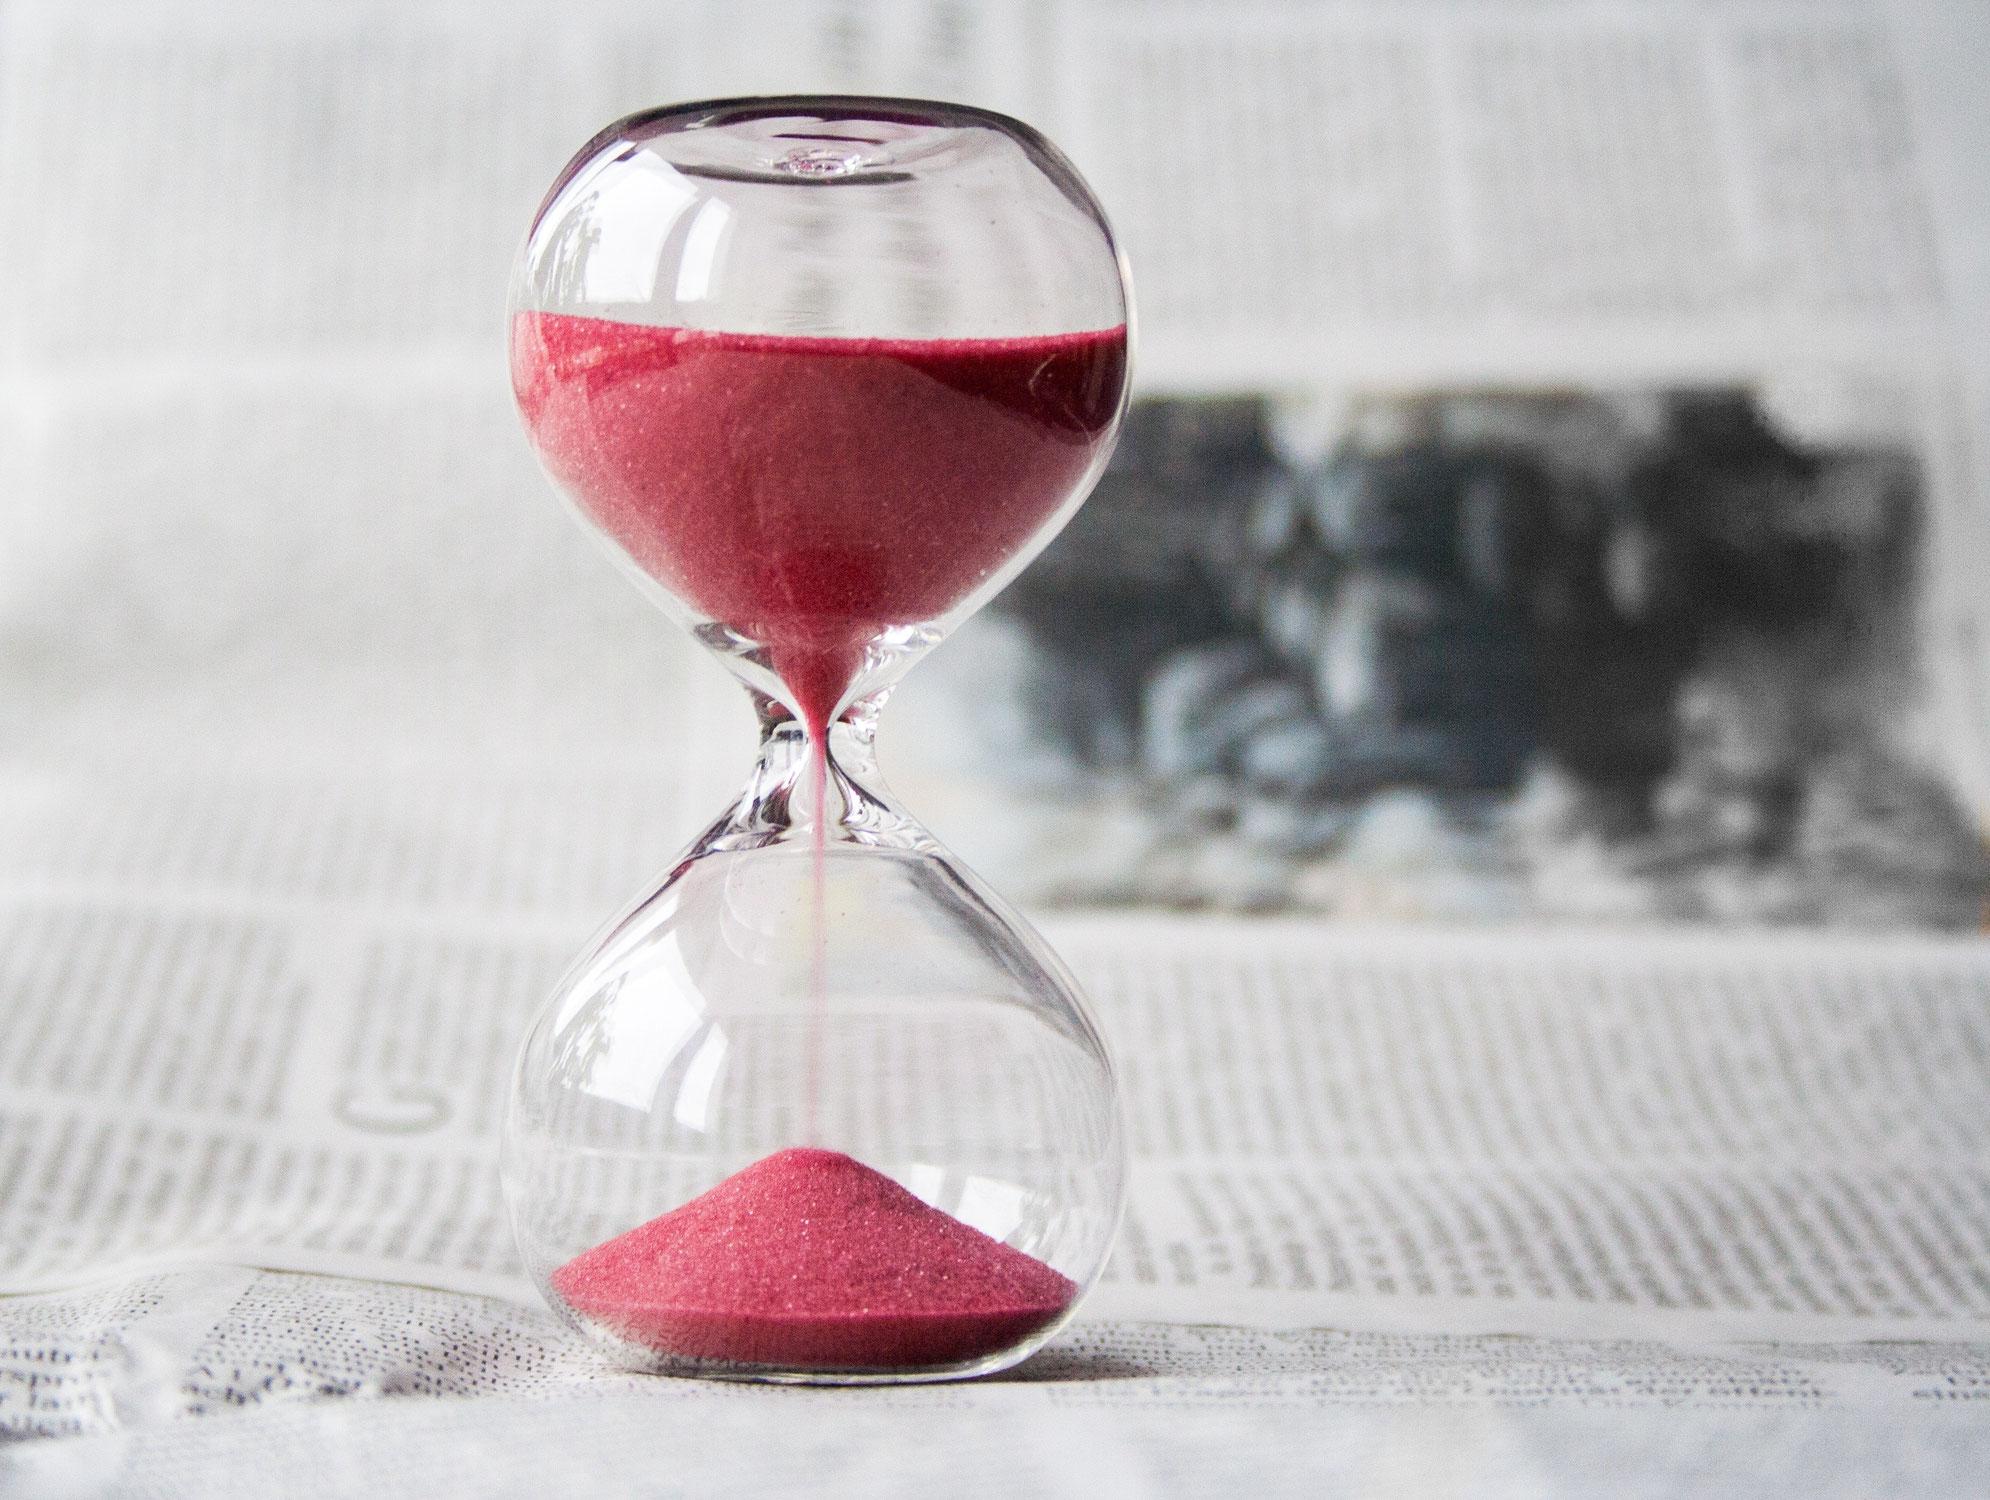 Zeit - Warum sie manchmal schneller und manchmal langsamer vergeht